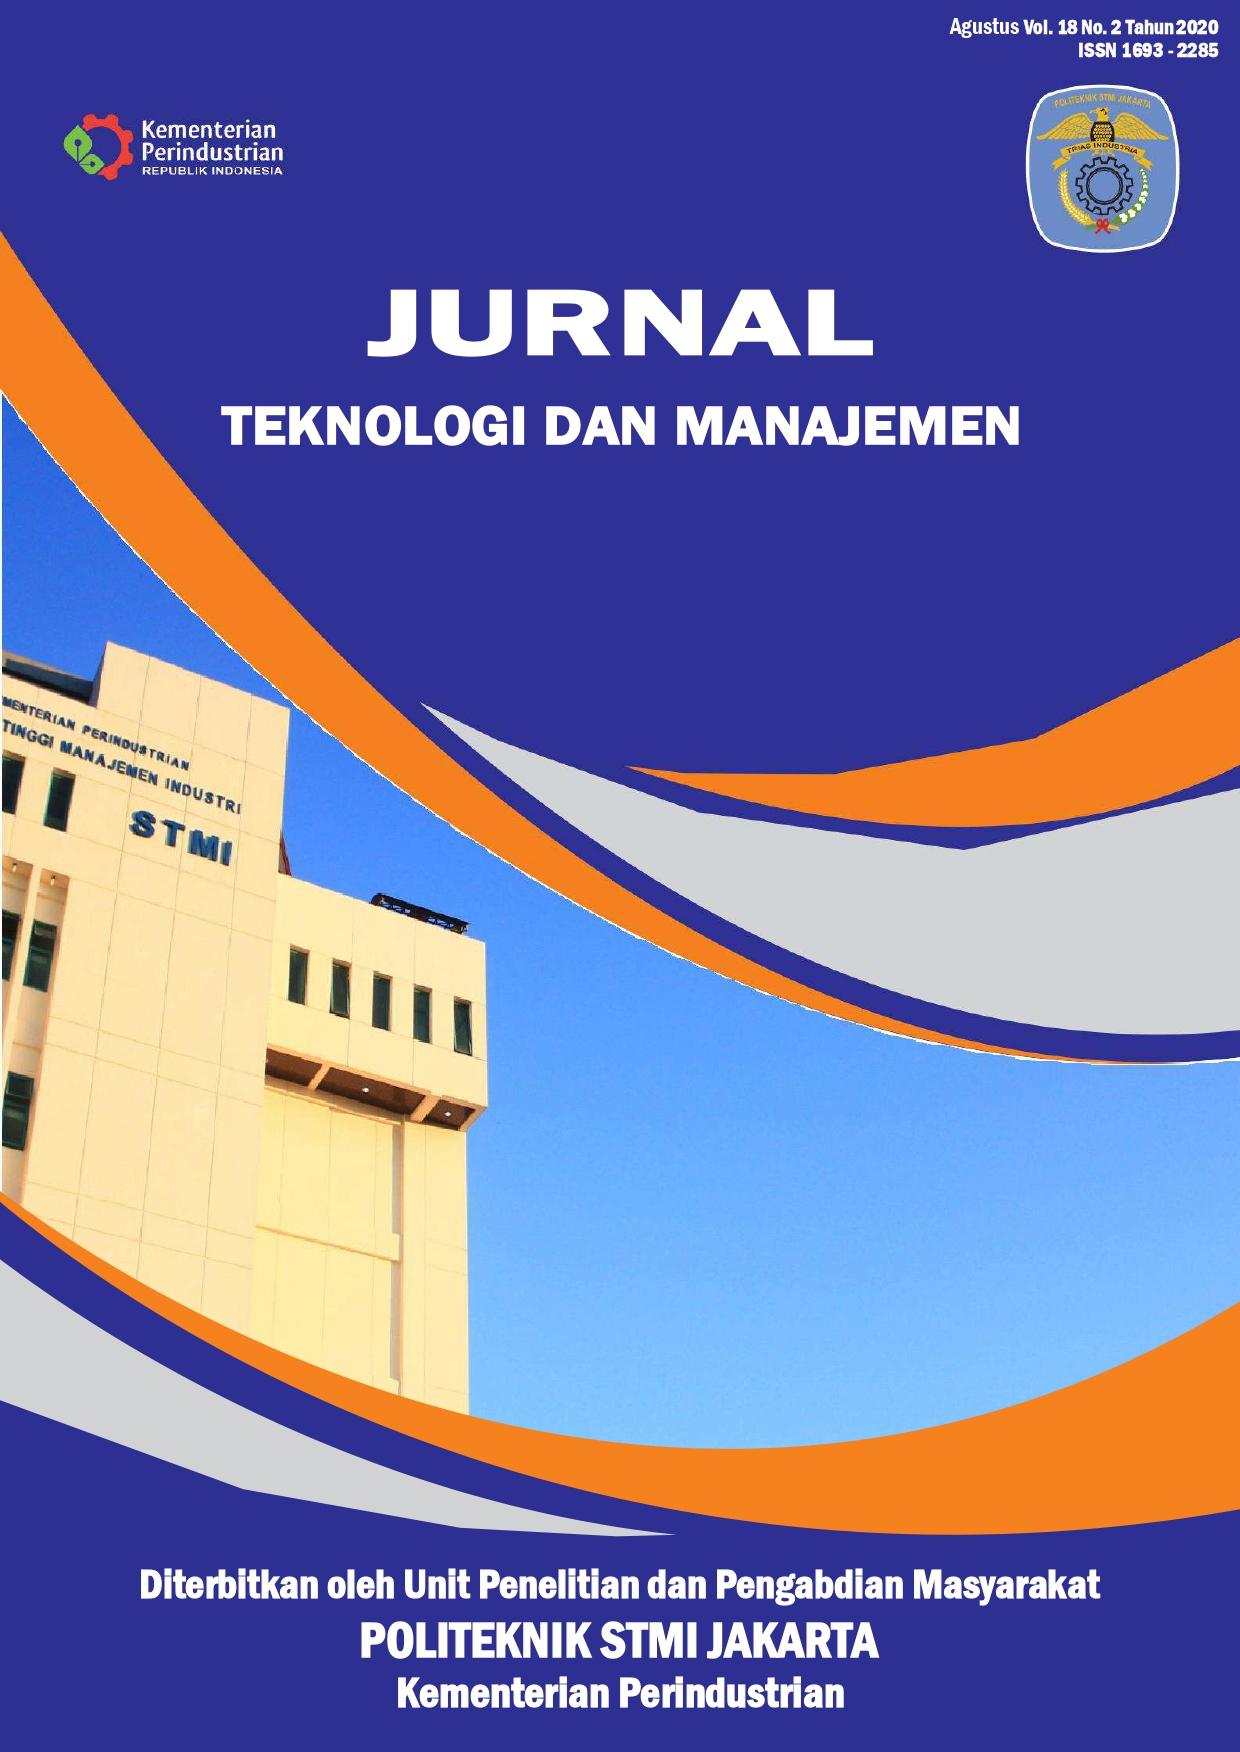 Jurnal Teknologi dan Manajemen Volume 18 No 2 Agustus 2020